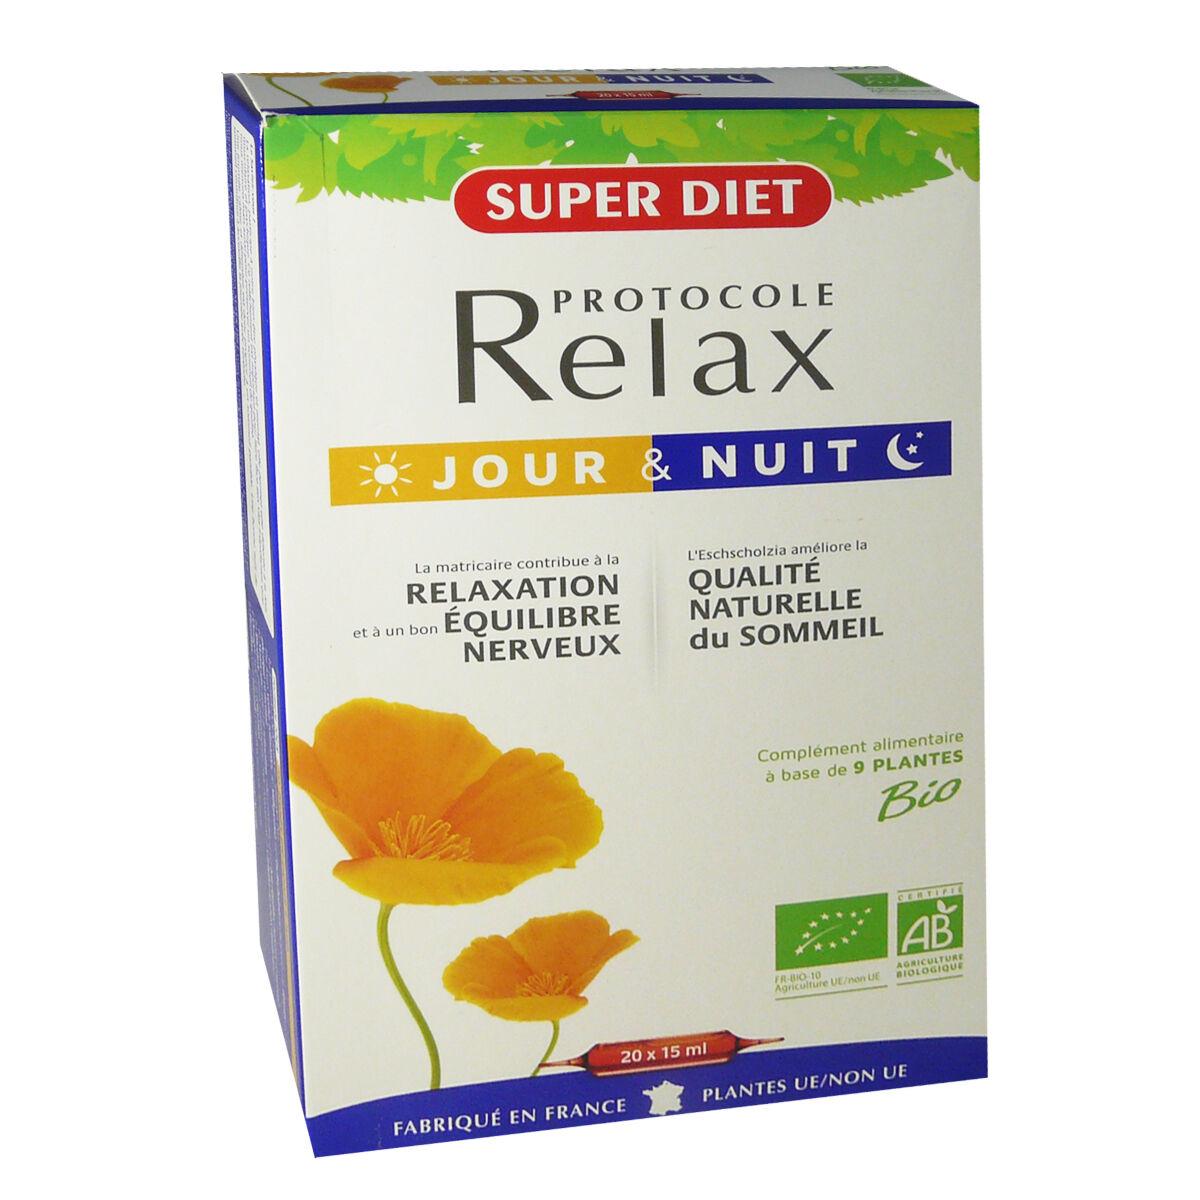 Super diet protocole relax bio jour & nuit 20 ampoules 15 ml